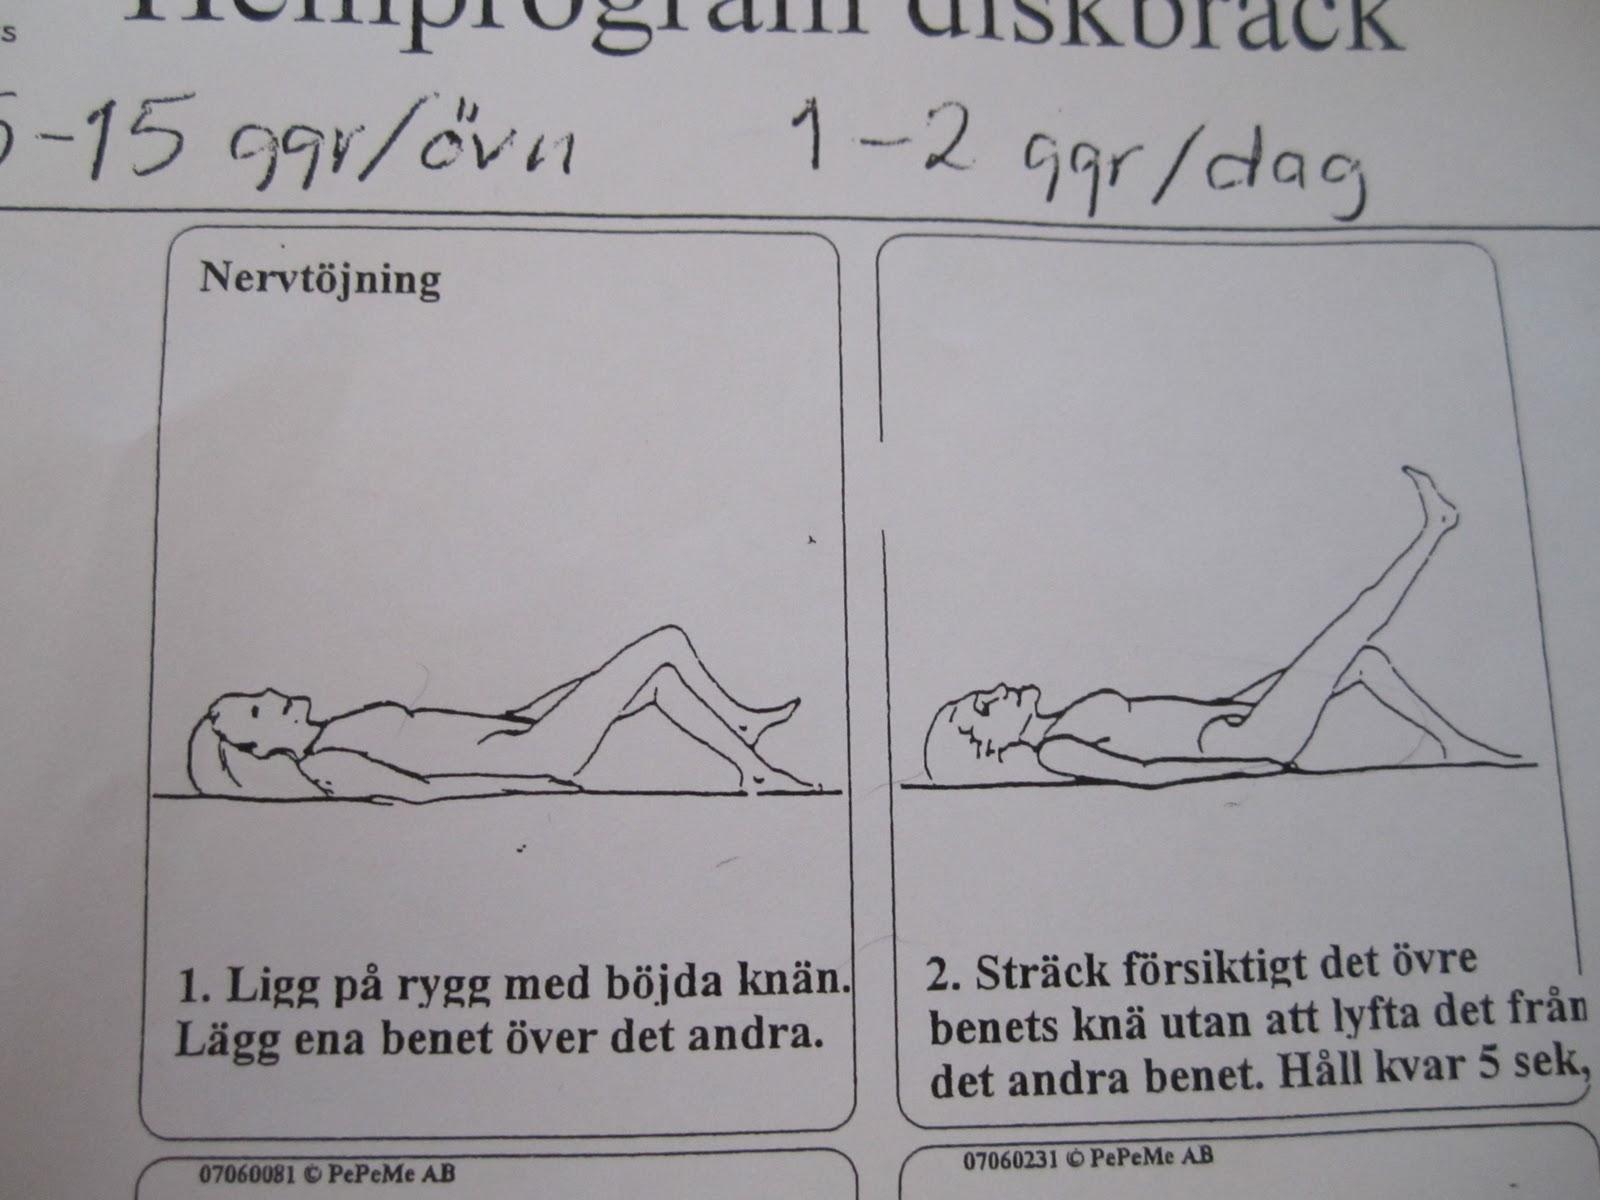 träning efter diskbråcksoperation